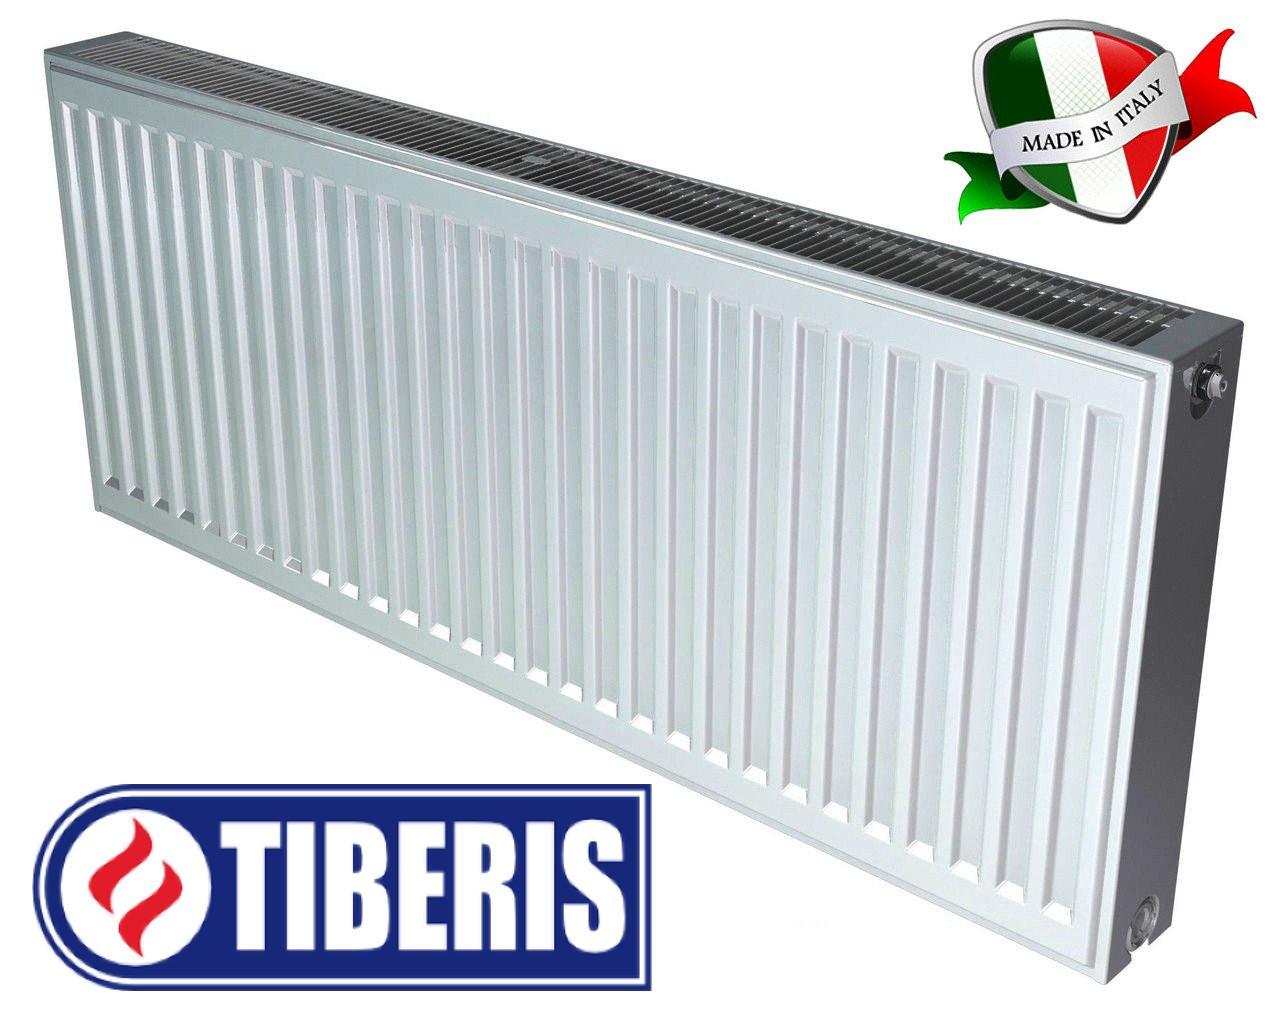 Стальной радиатор Tiberis тип 22 высота 500